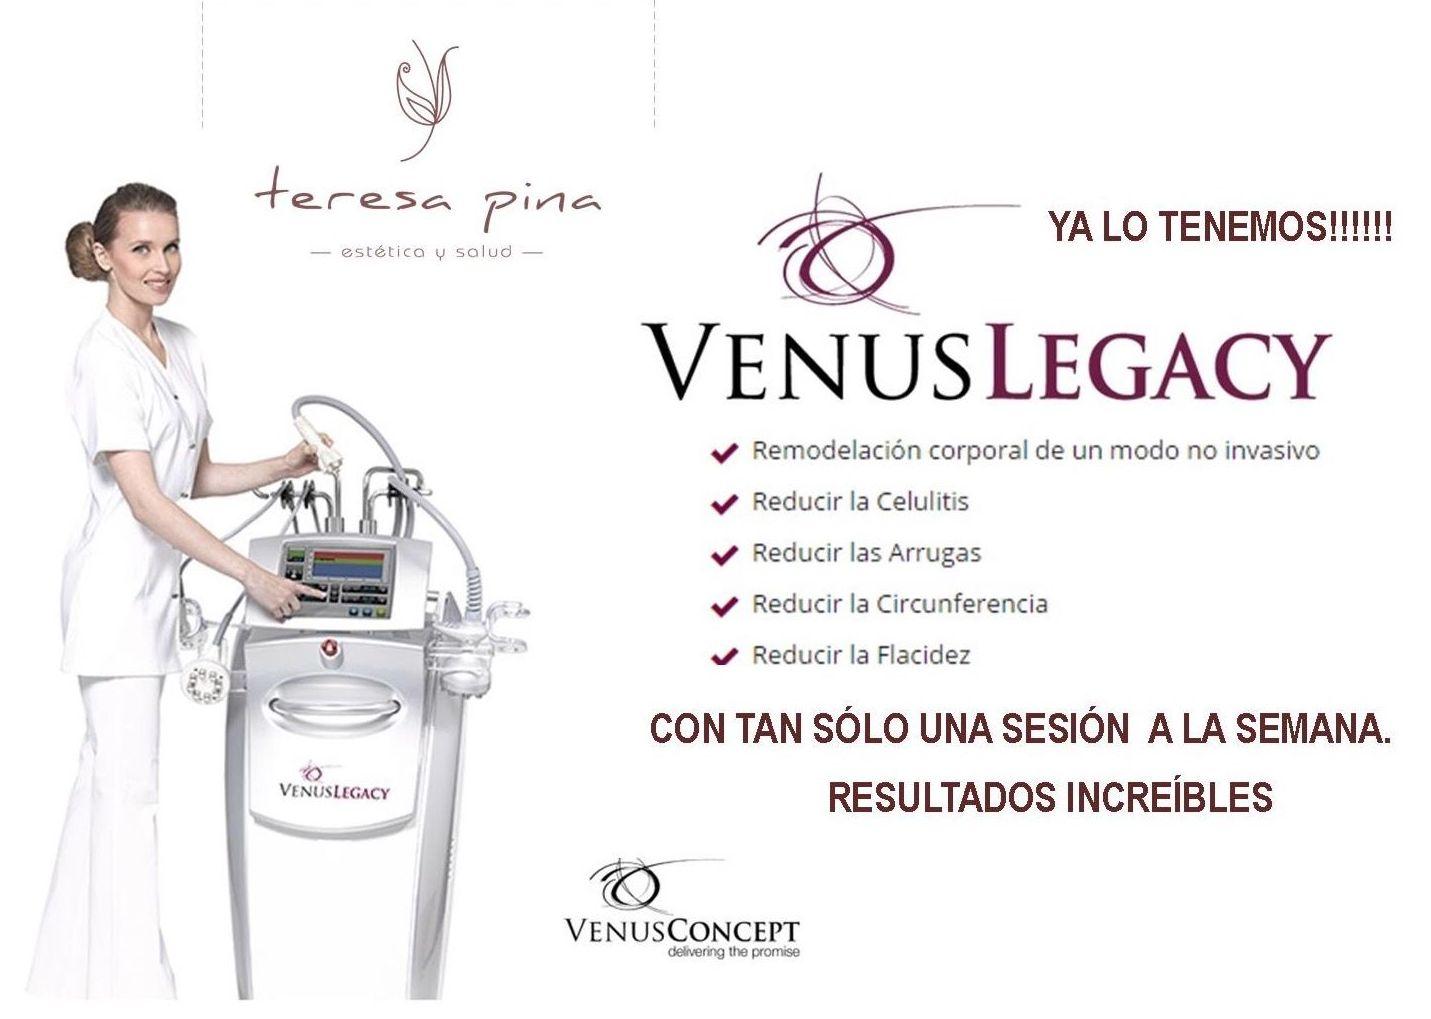 VENUS LEGACY: Servicios de Centro Teresa Pina